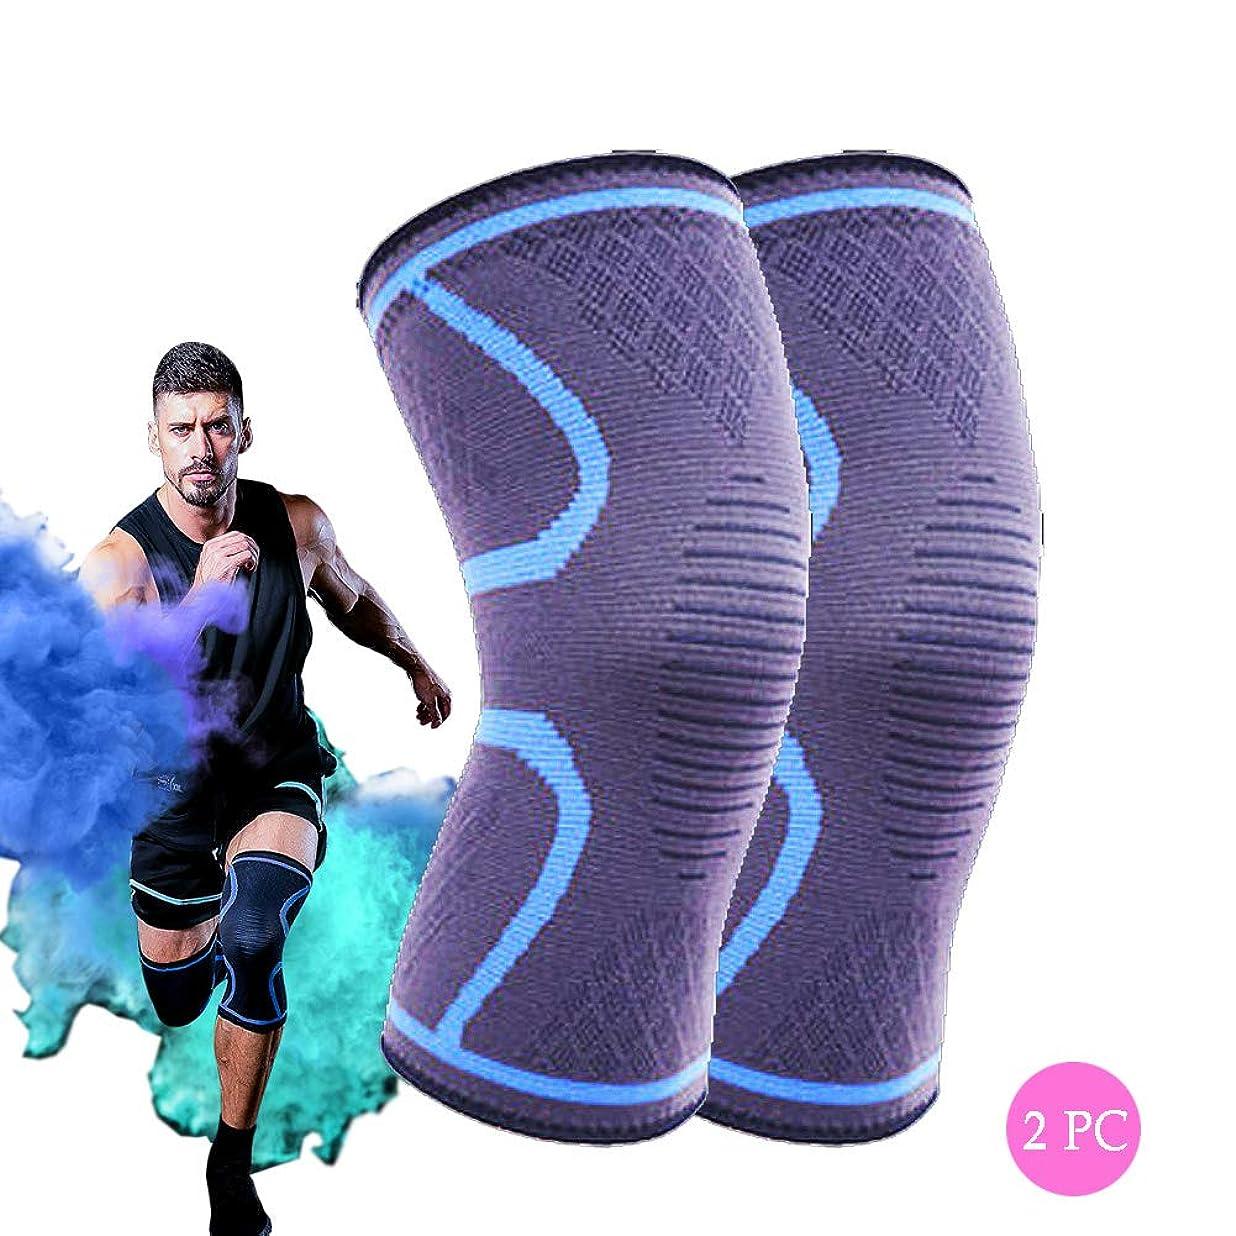 用心深い遺棄された牛膝サポーターブレースコンプレッションスリーブ - 関節痛、関節炎、靭帯損傷、半月板裂傷、腱炎、ランニング、スクワット、スポーツ(シングルラップ)、S/M/X/XL